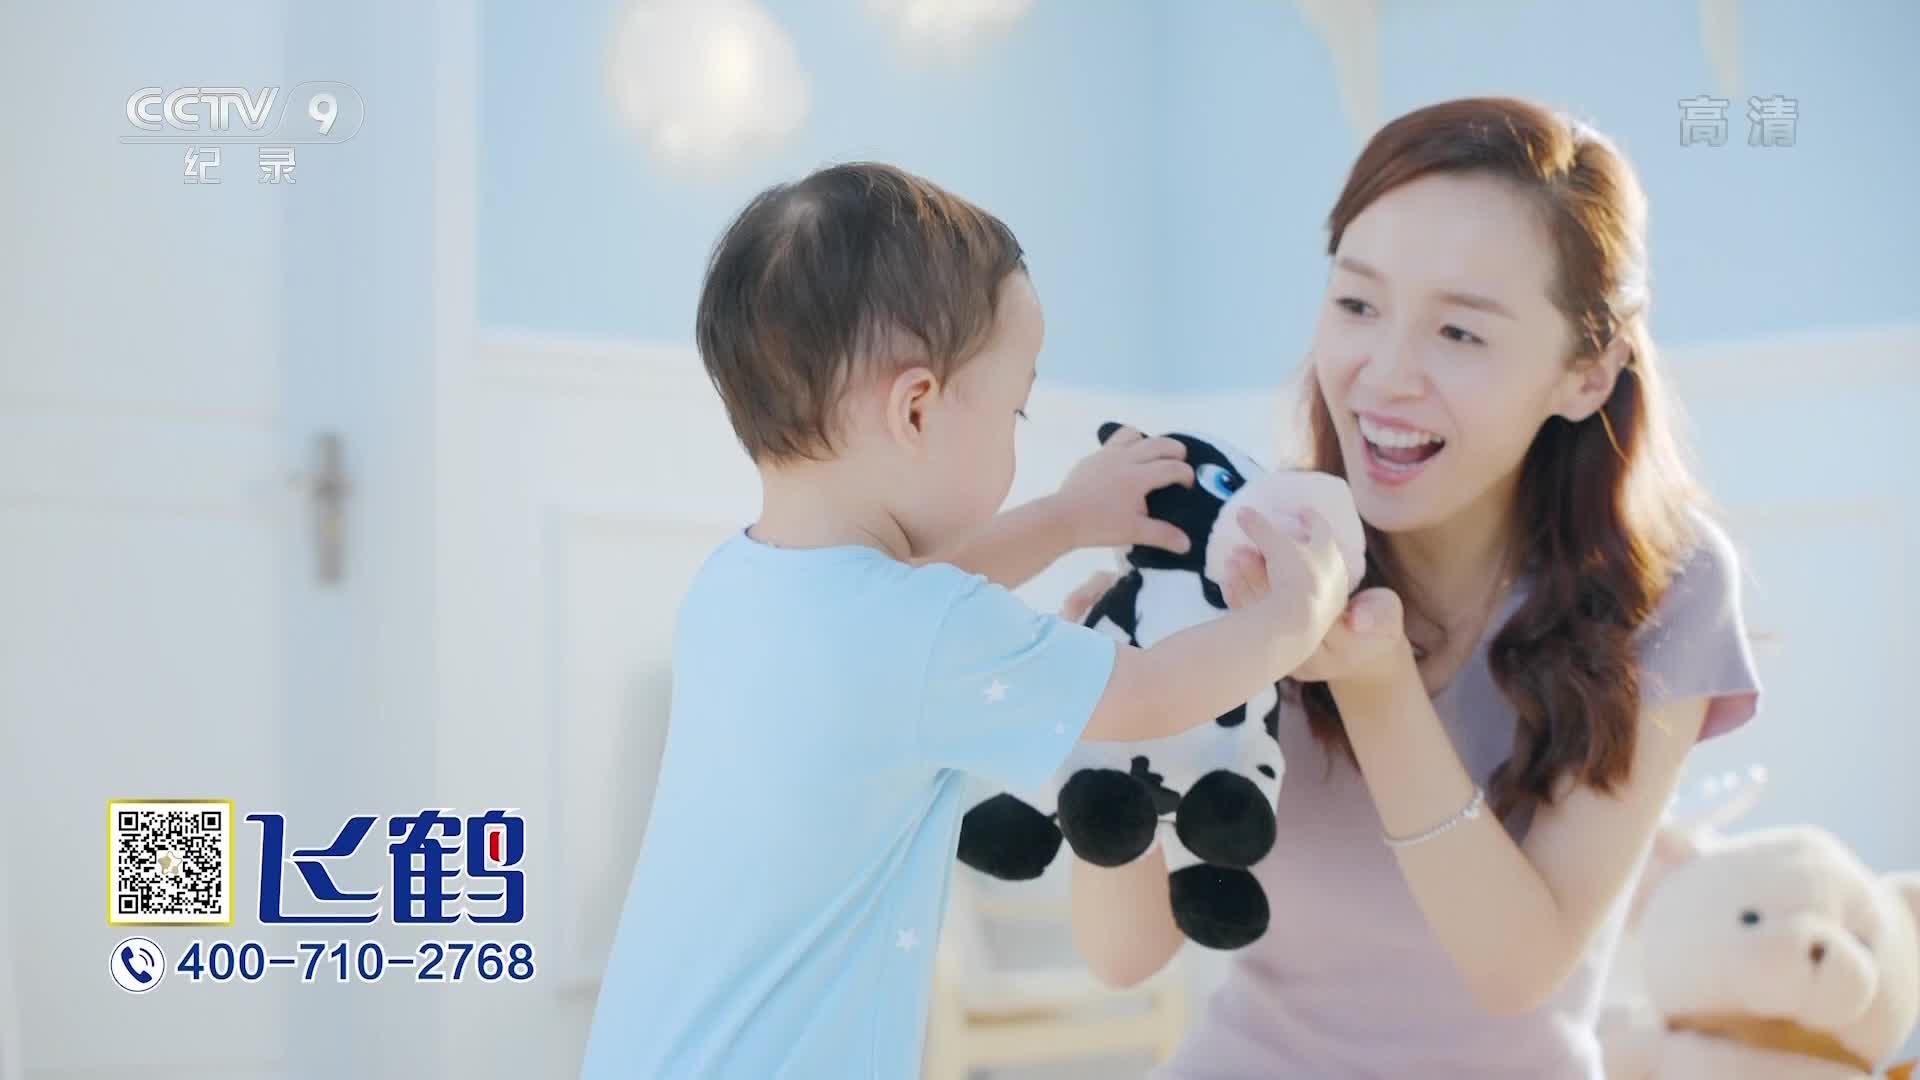 央视广告欣赏-飞鹤星飞帆幼儿配方奶粉-2